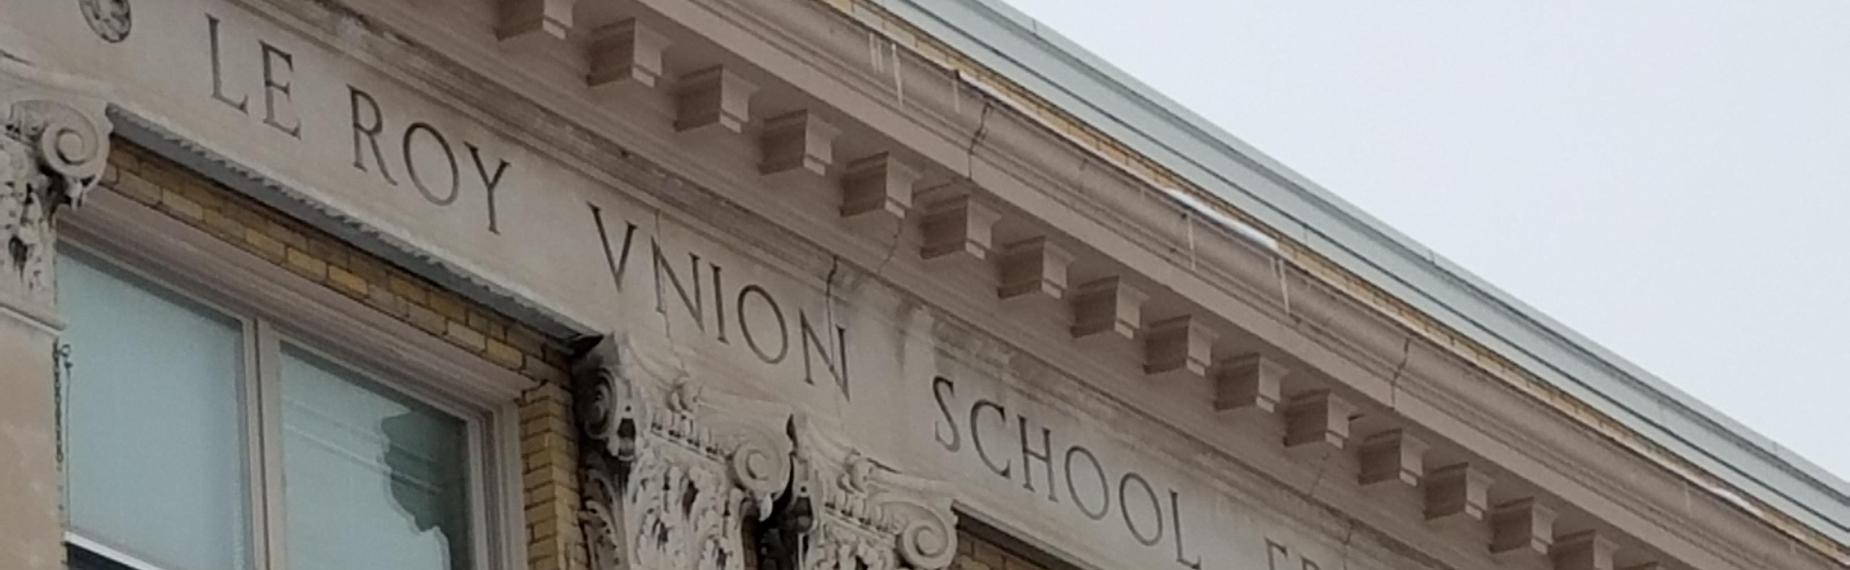 Wolcott Street School